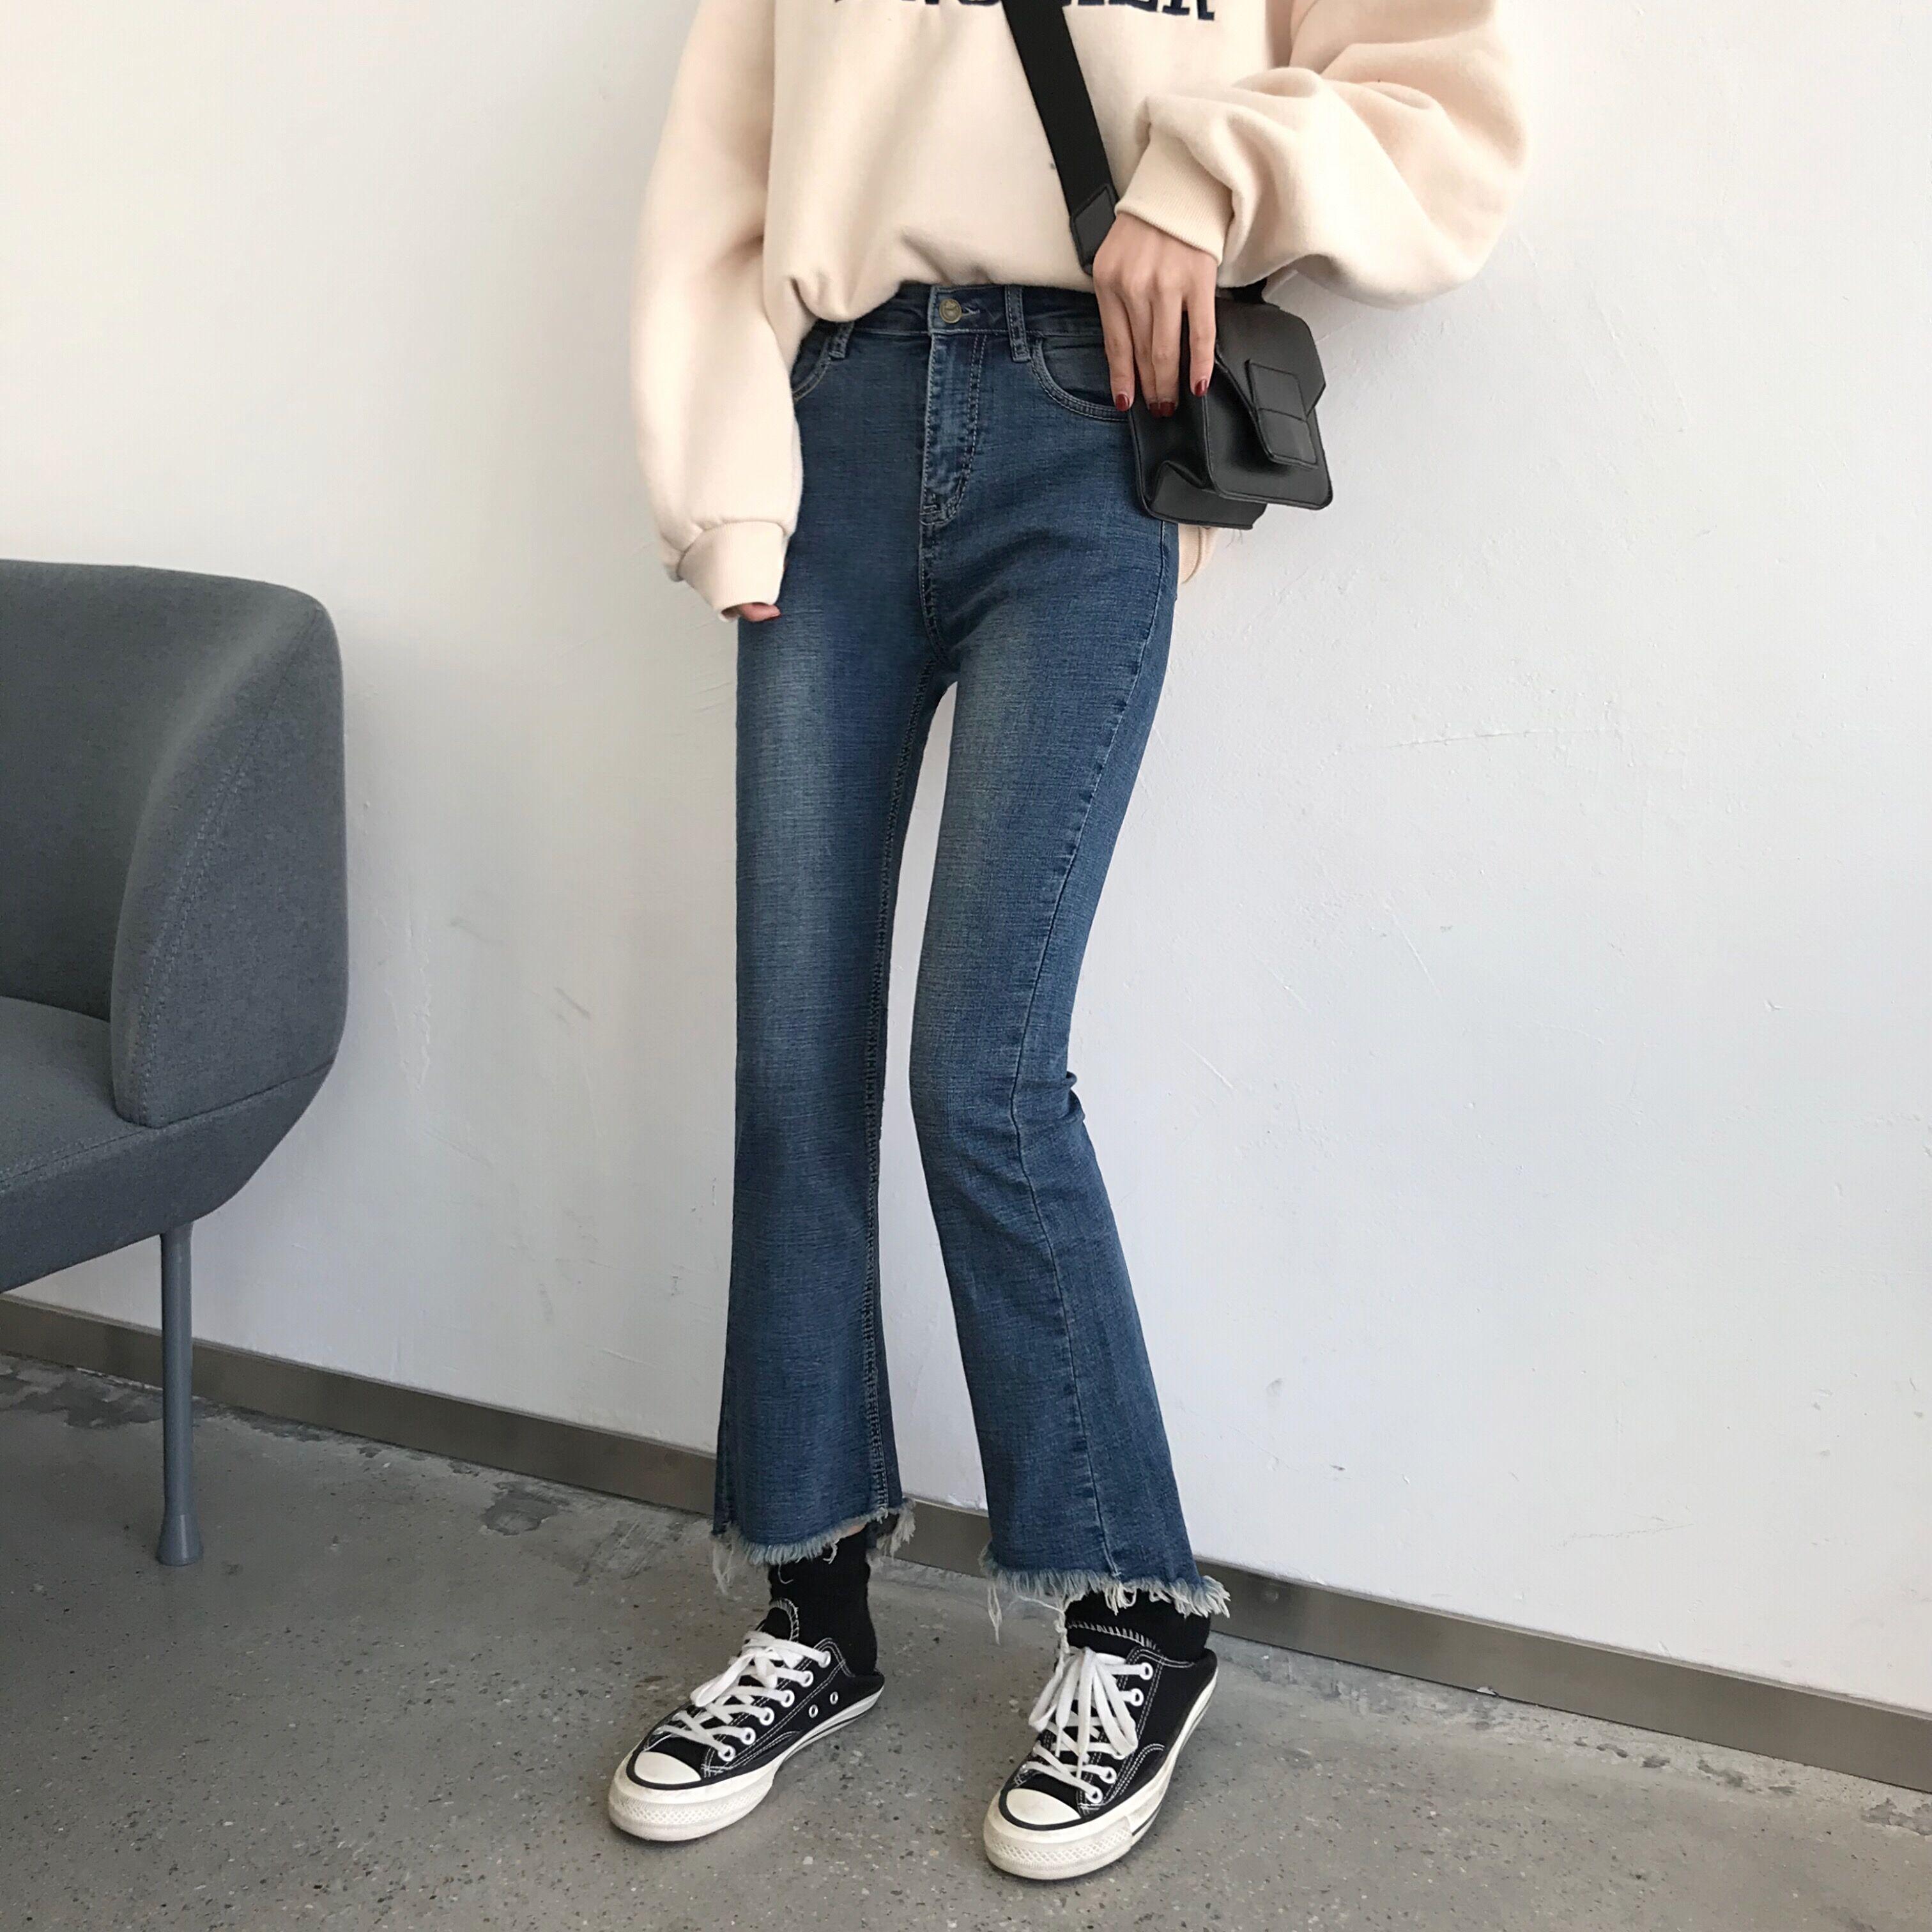 实拍新款韩版高腰弹力修身喇叭裤不规则后开叉九分裤女